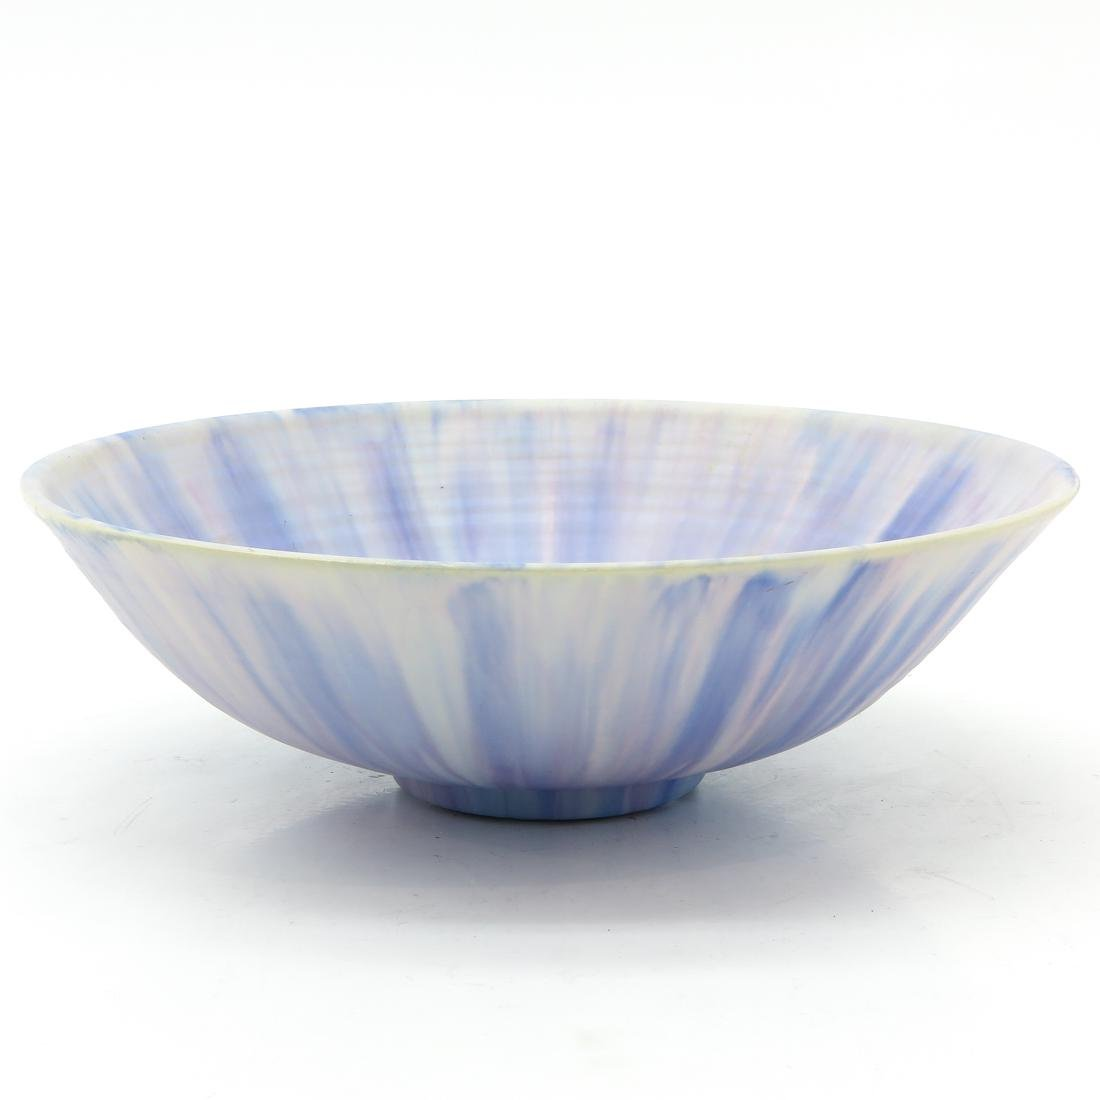 Tessa Braat Bowl - 2